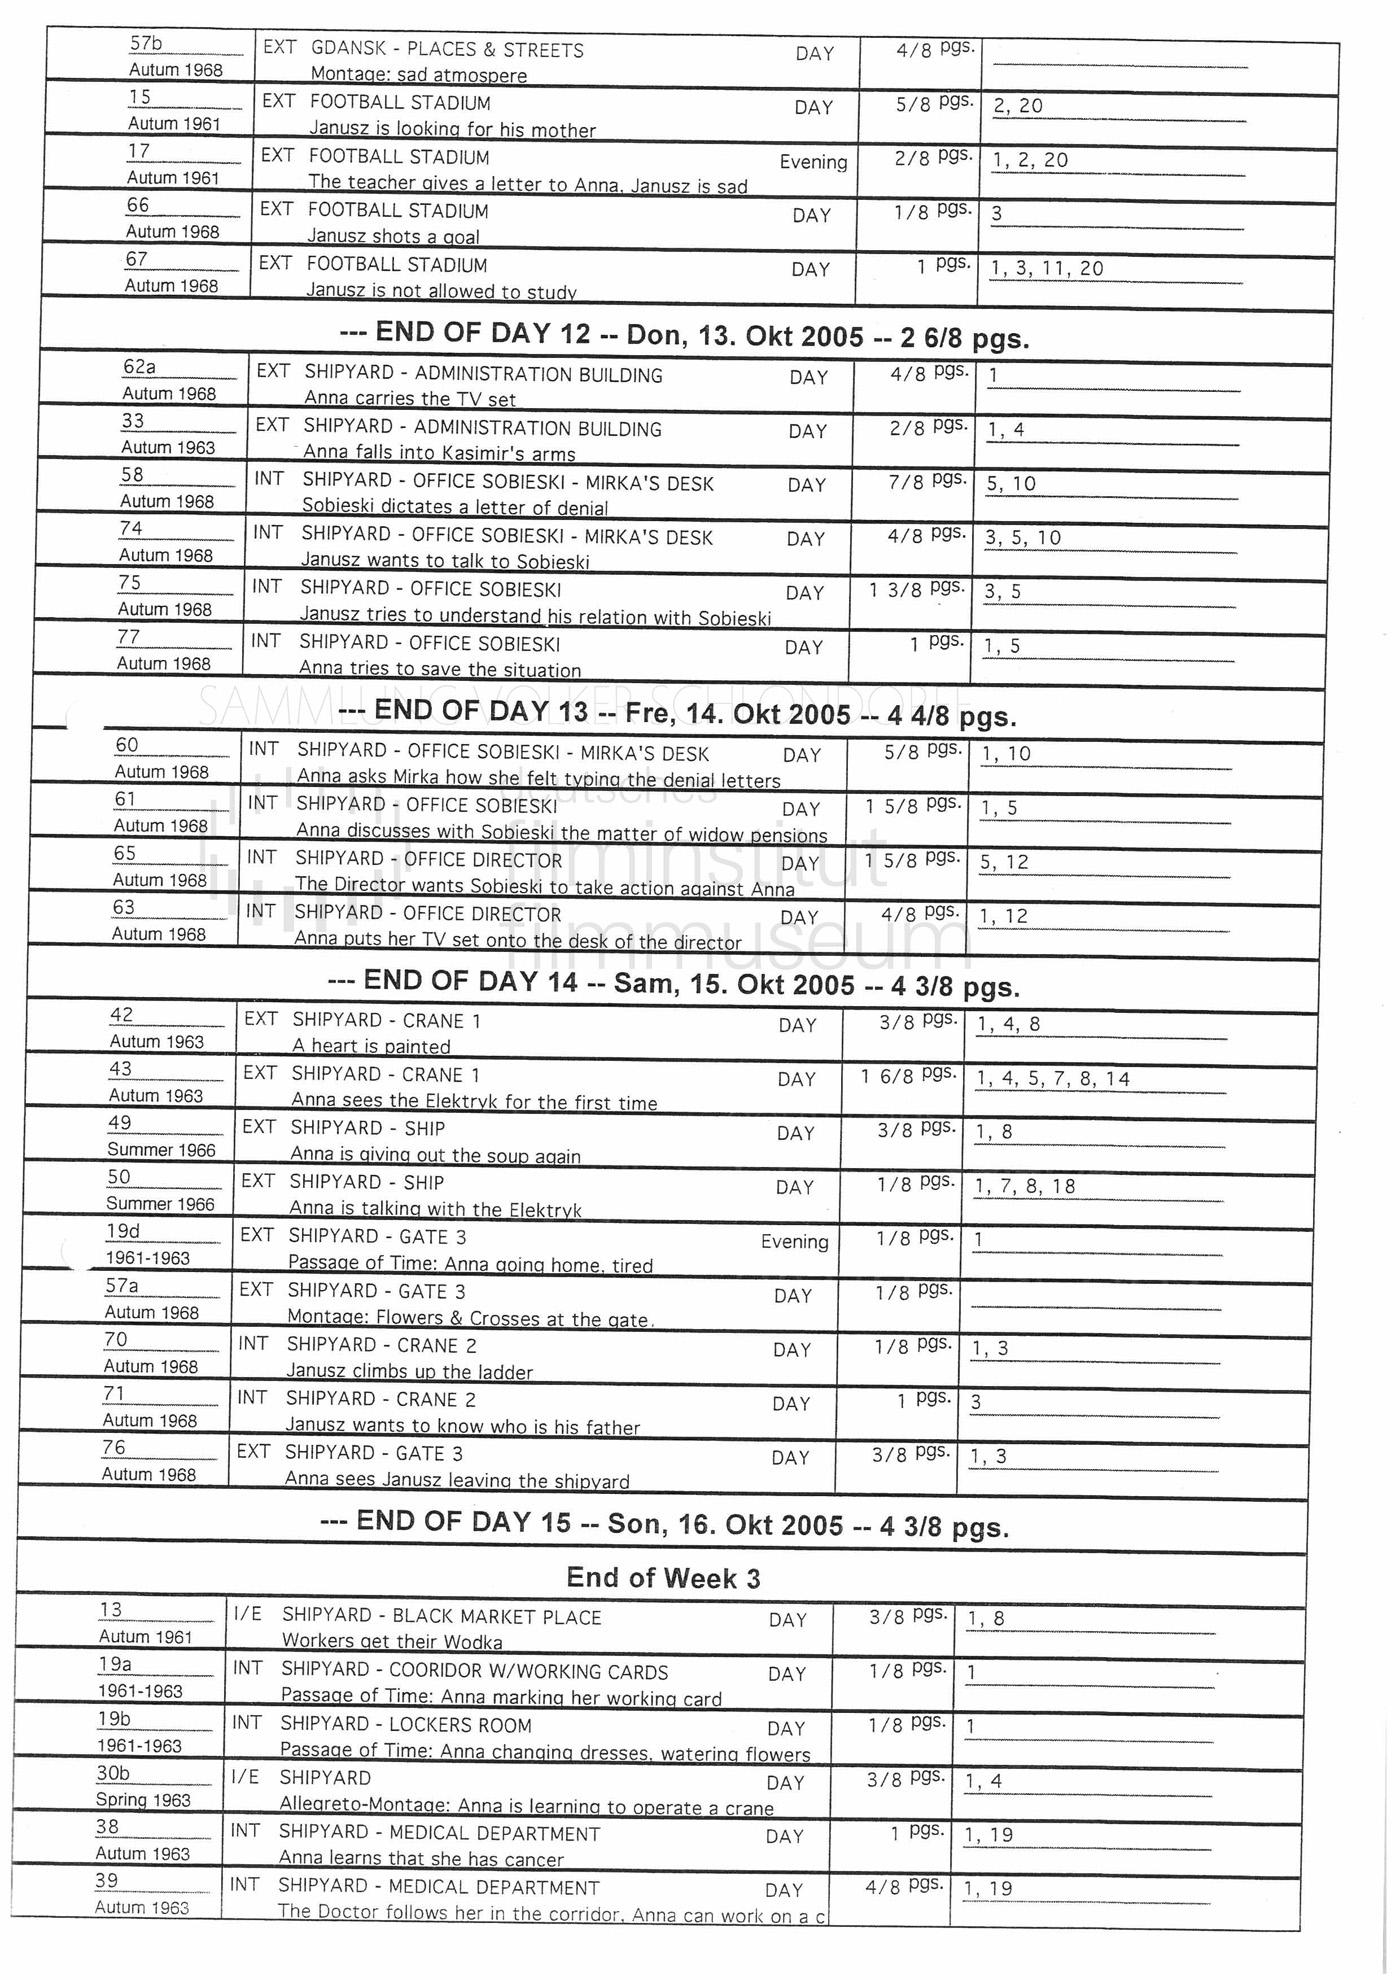 STRAJK // Produktionsmaterial // Drehplan, 13.-16.10.2005